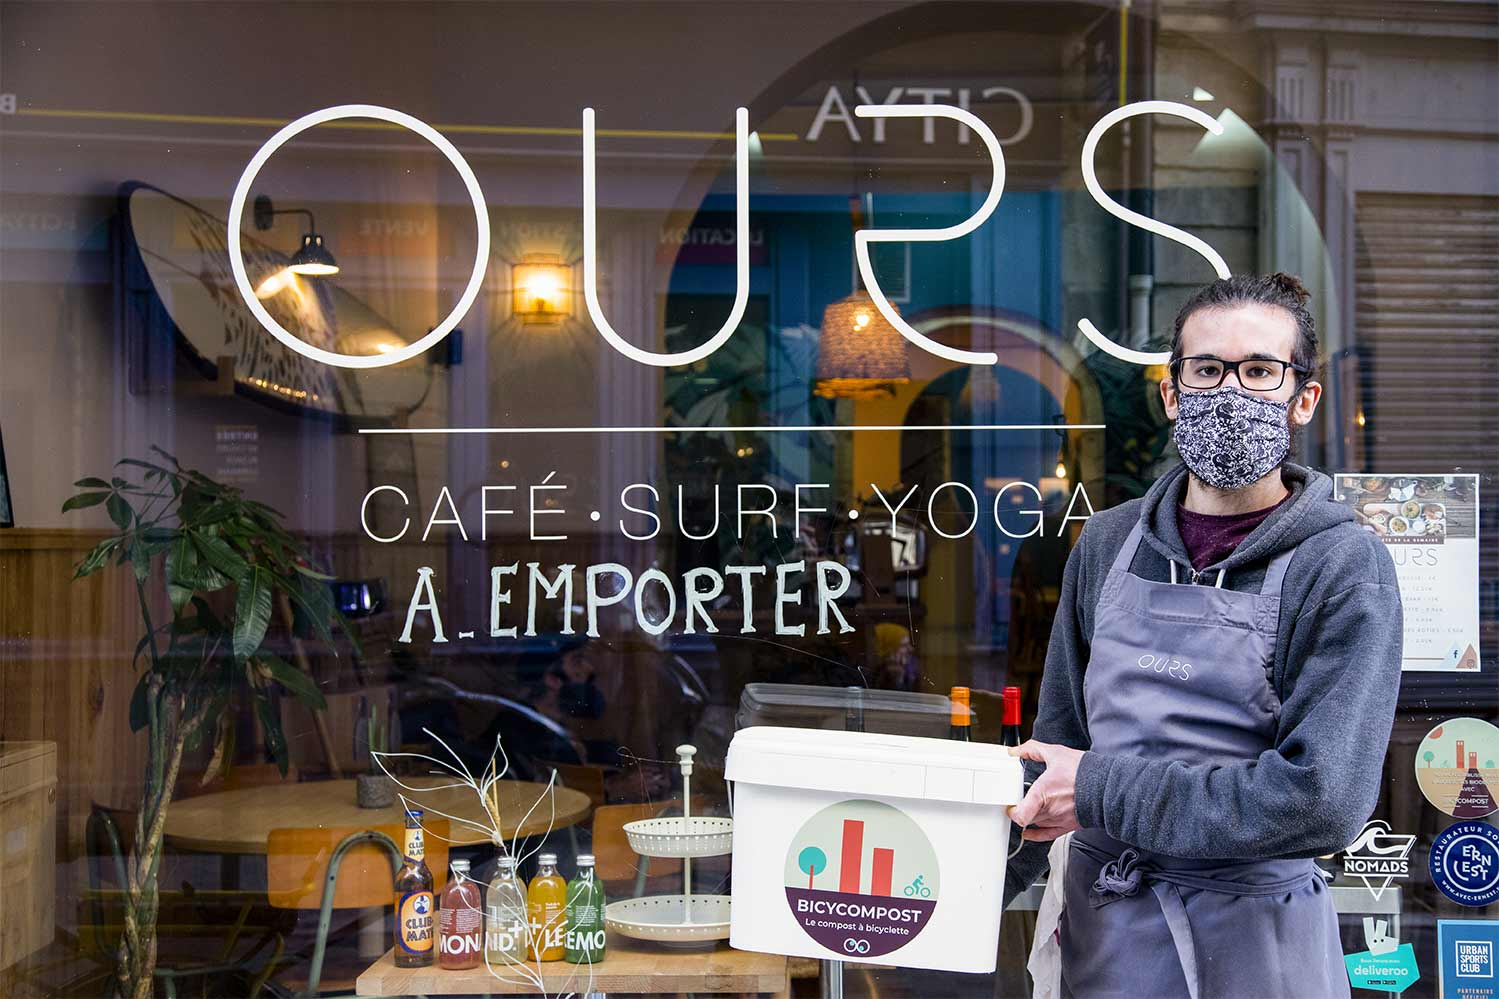 Ours café client de BicyCompost